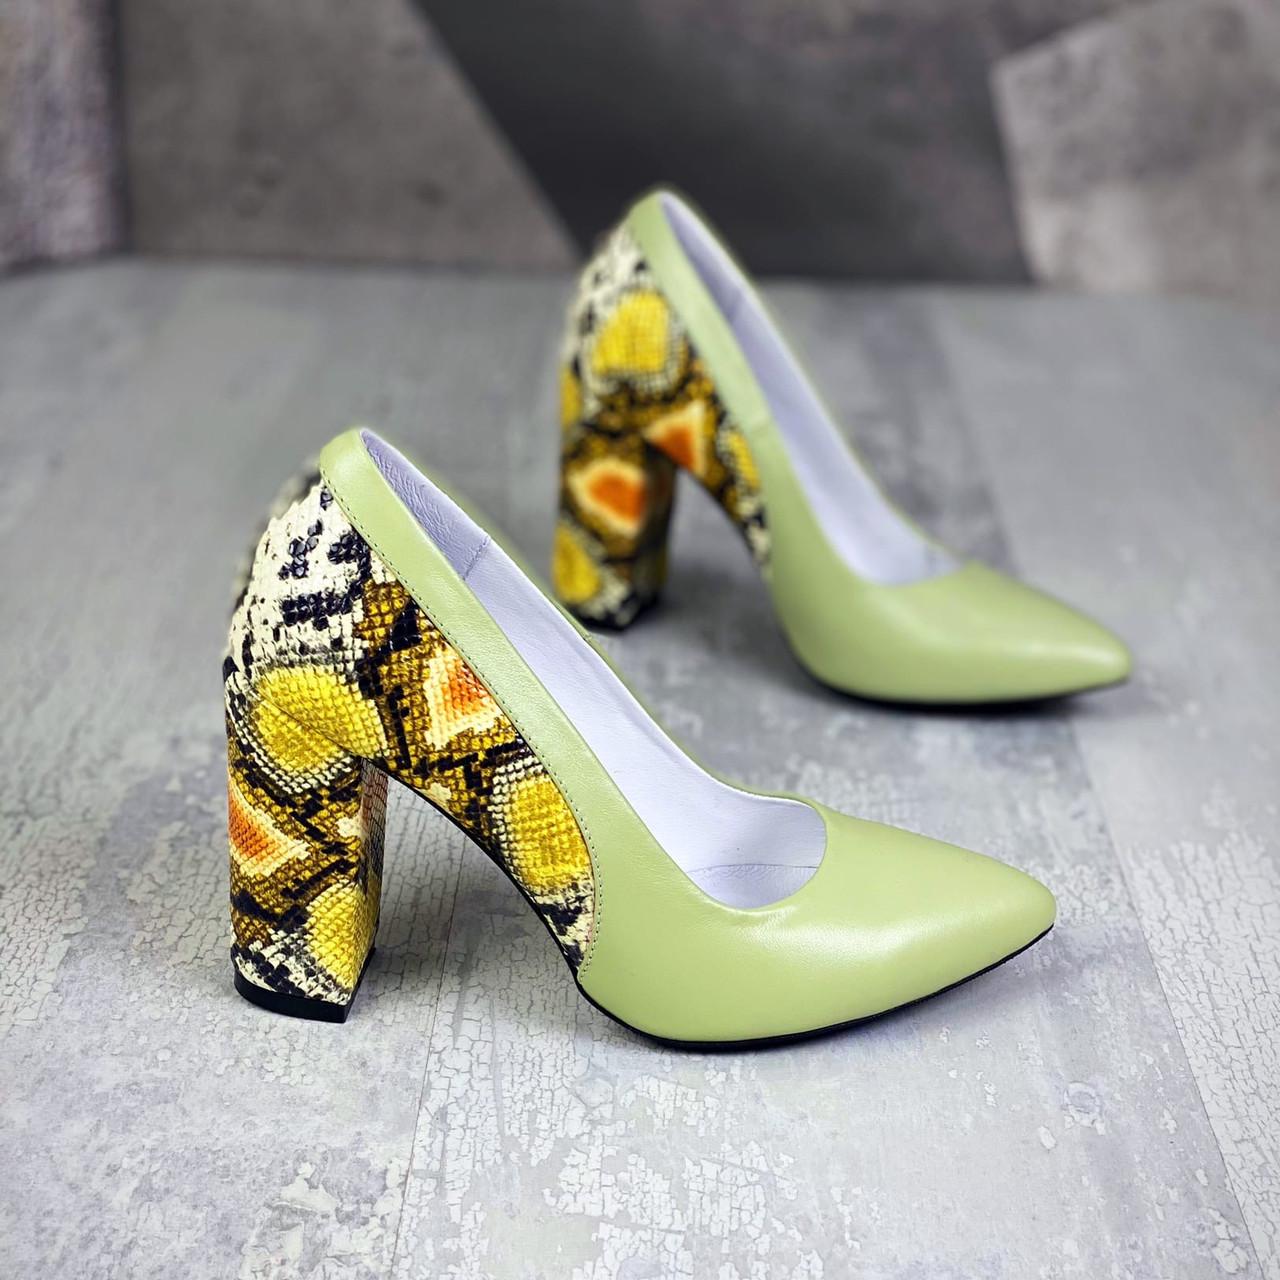 Шикарні жіночі шкіряні туфлі на підборах 36-40 р салат+рептилія